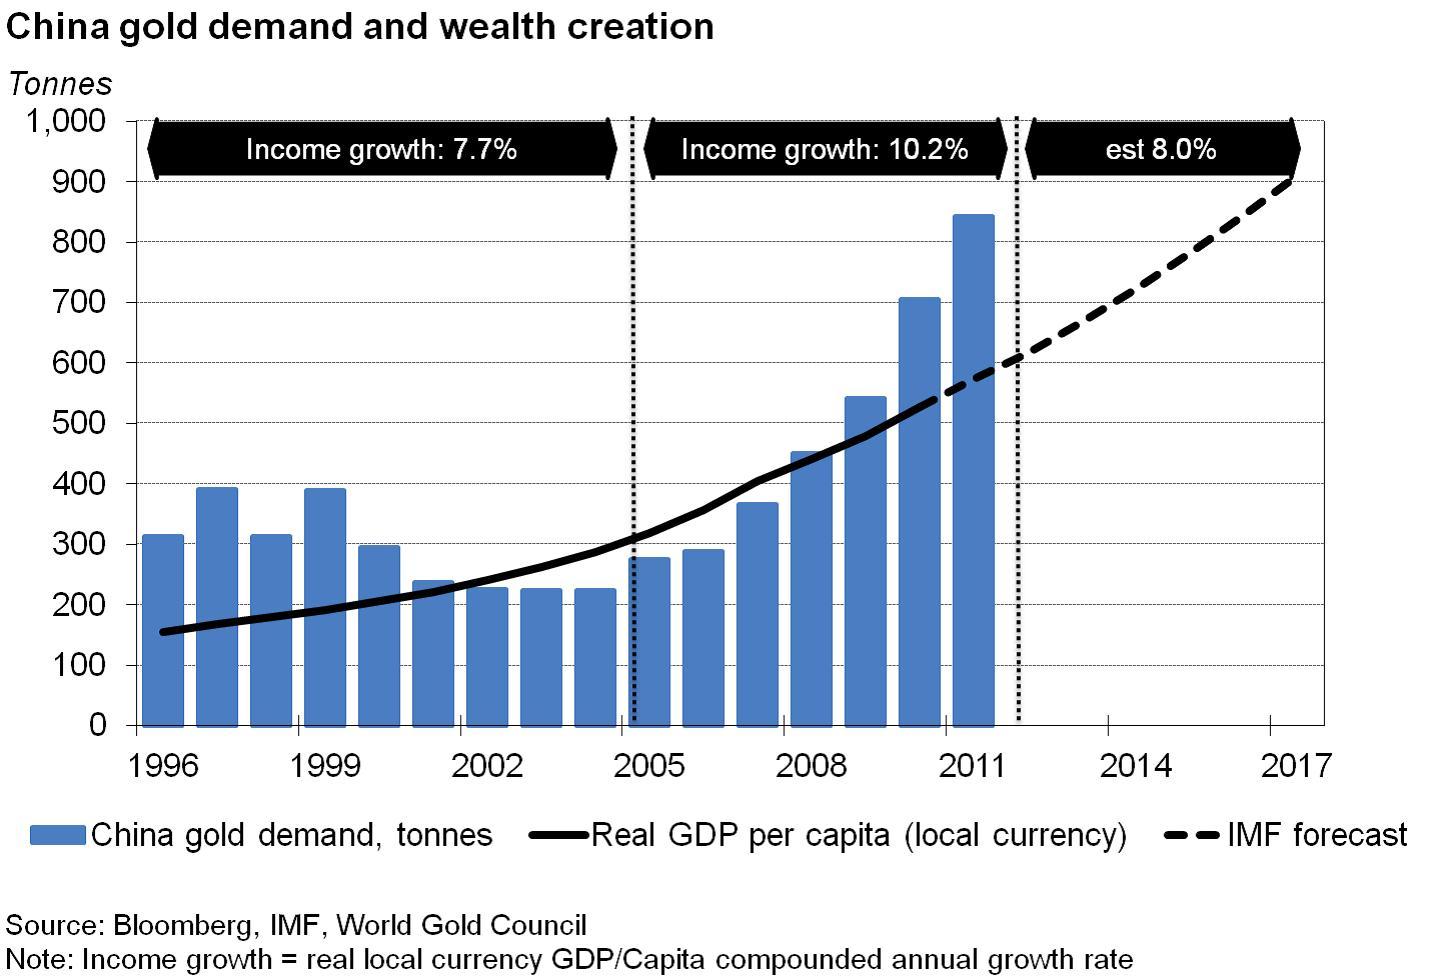 17. grafikon: A már most is legnagyobb globális aranyfogyasztó Kína aranykereslete tavaly megduplázódott, a  trend az egy főre jutó GDP növekedésével arányosan nőni fog. Forrás: Pierre Lassonde-Gold Forum Denver 2012, Conclude Zrt.